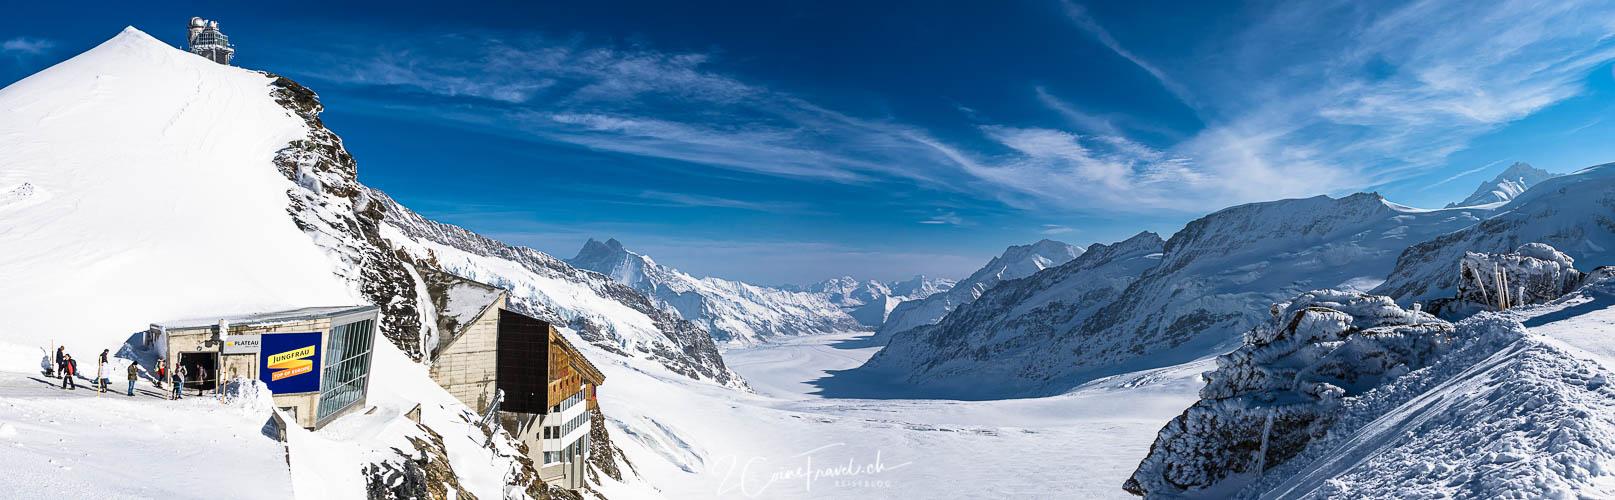 Panorama Jungfraujoch